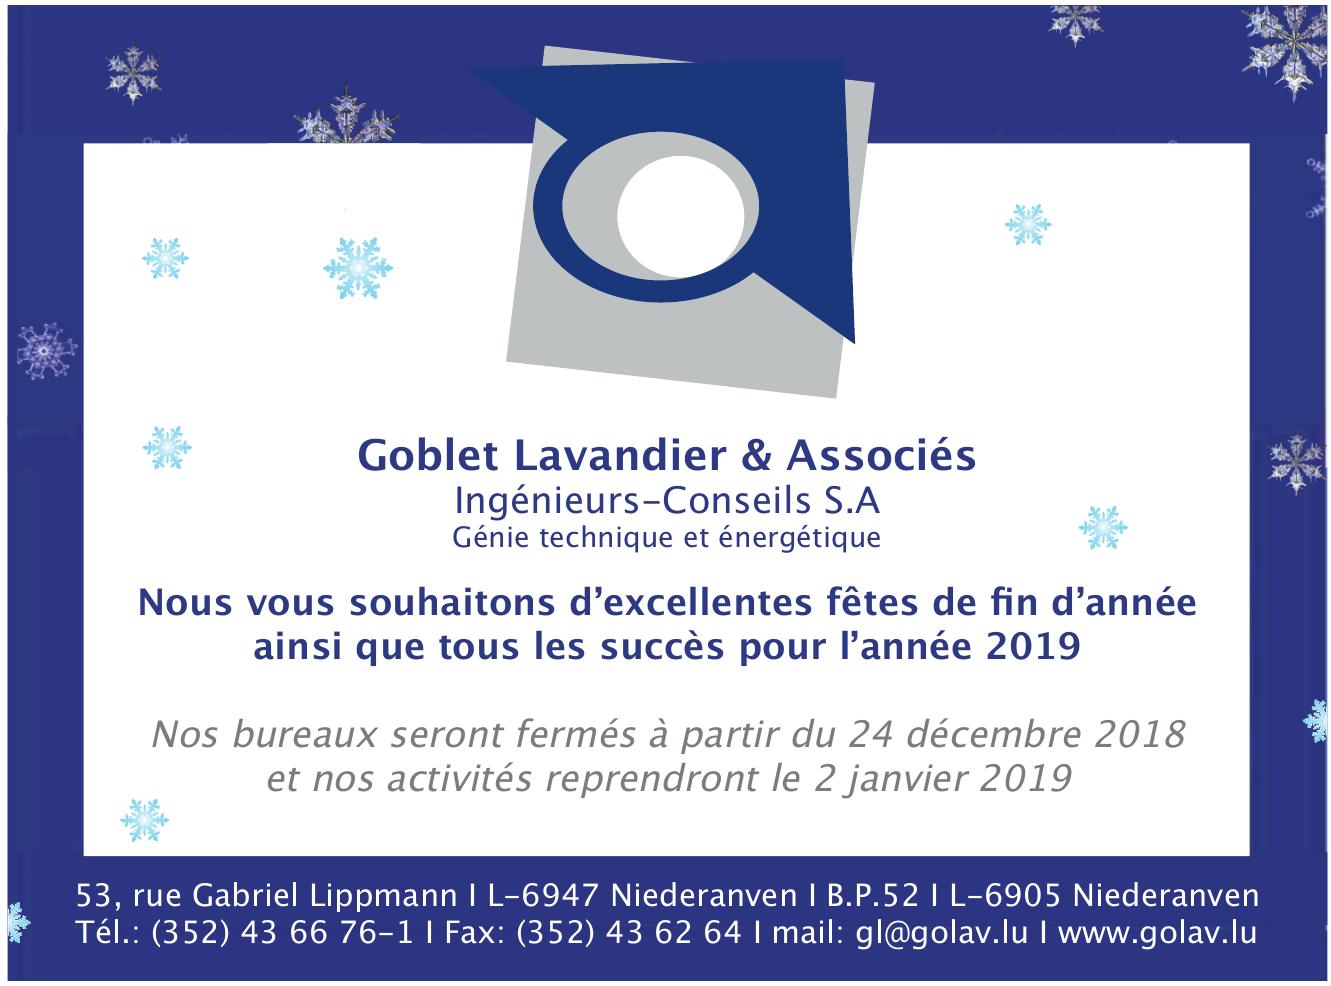 Goblet Lavandier & Associés